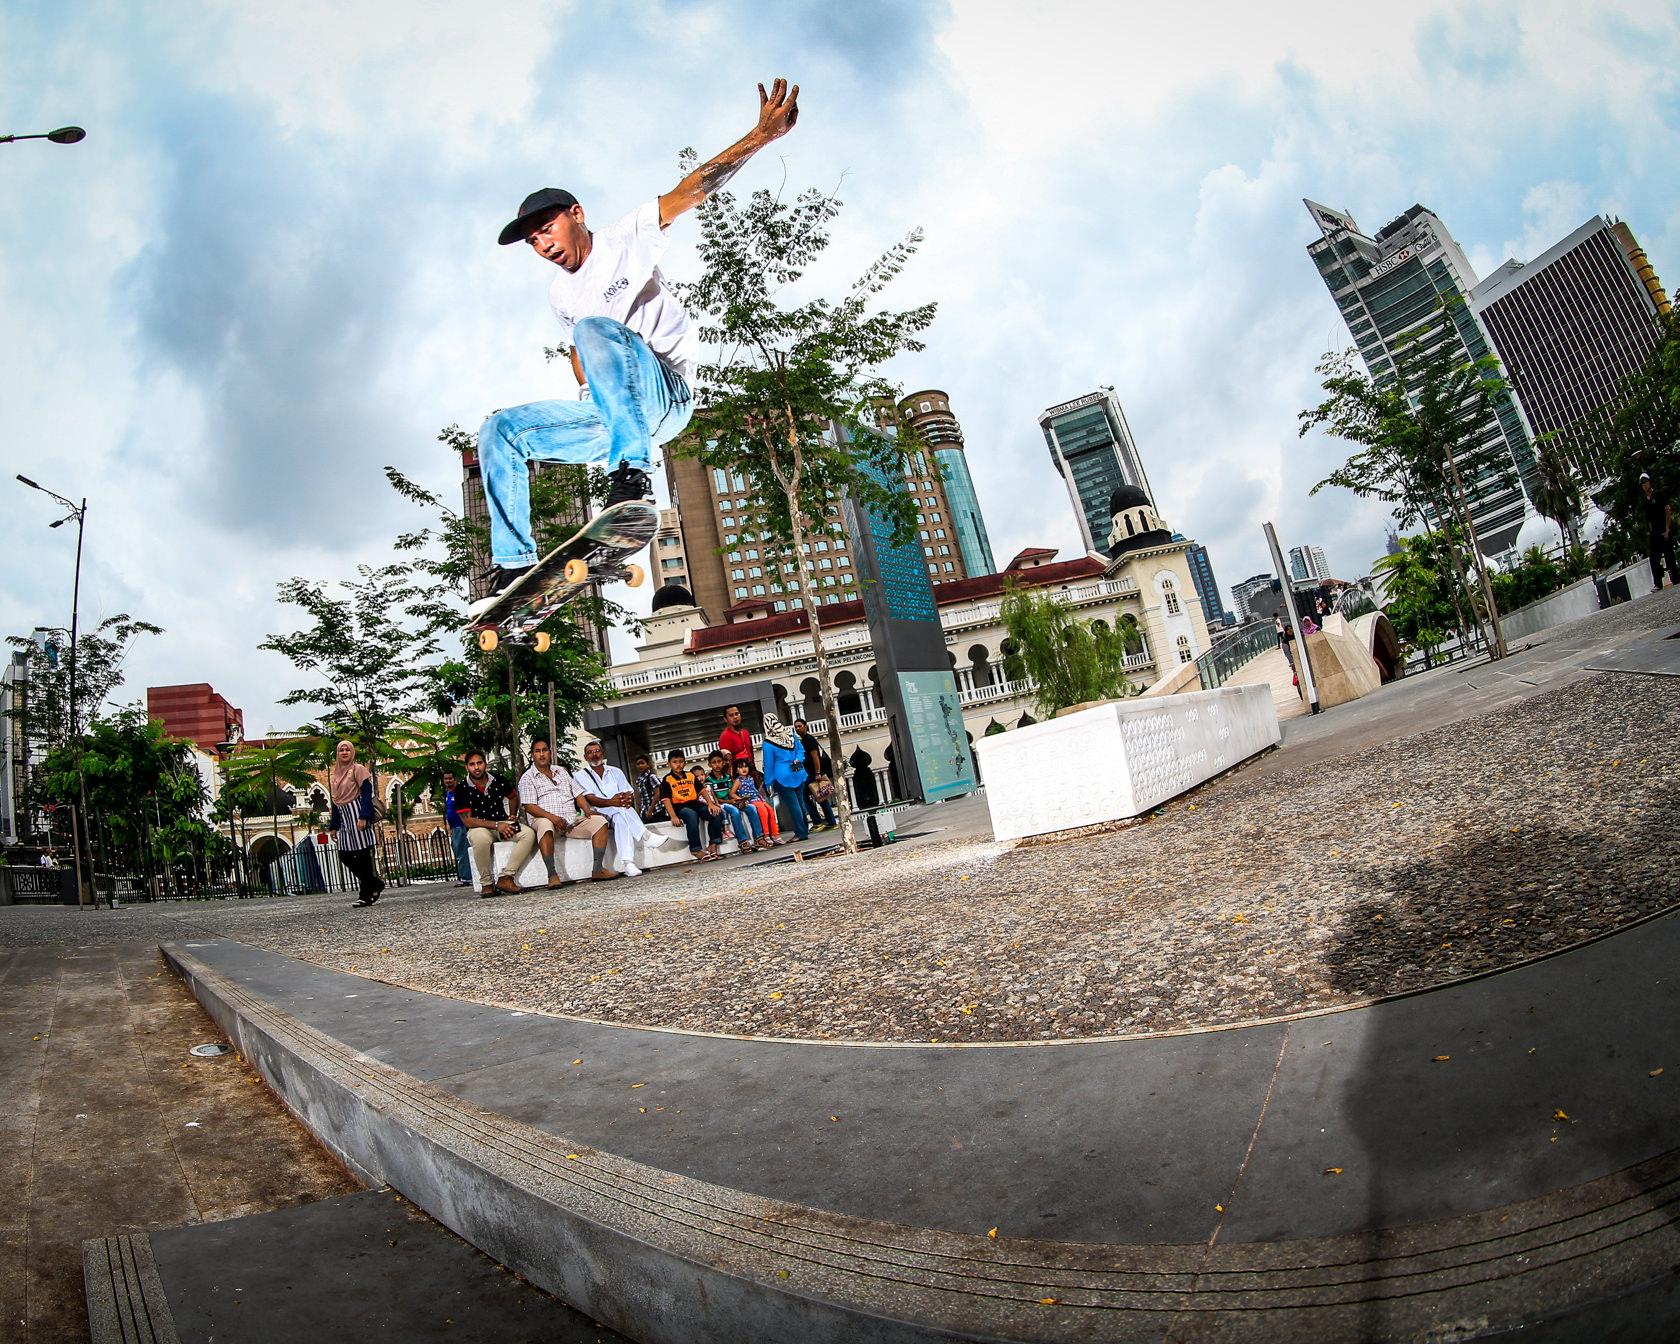 VANS_新加坡&马来西亚TOUR058171126-2.jpg